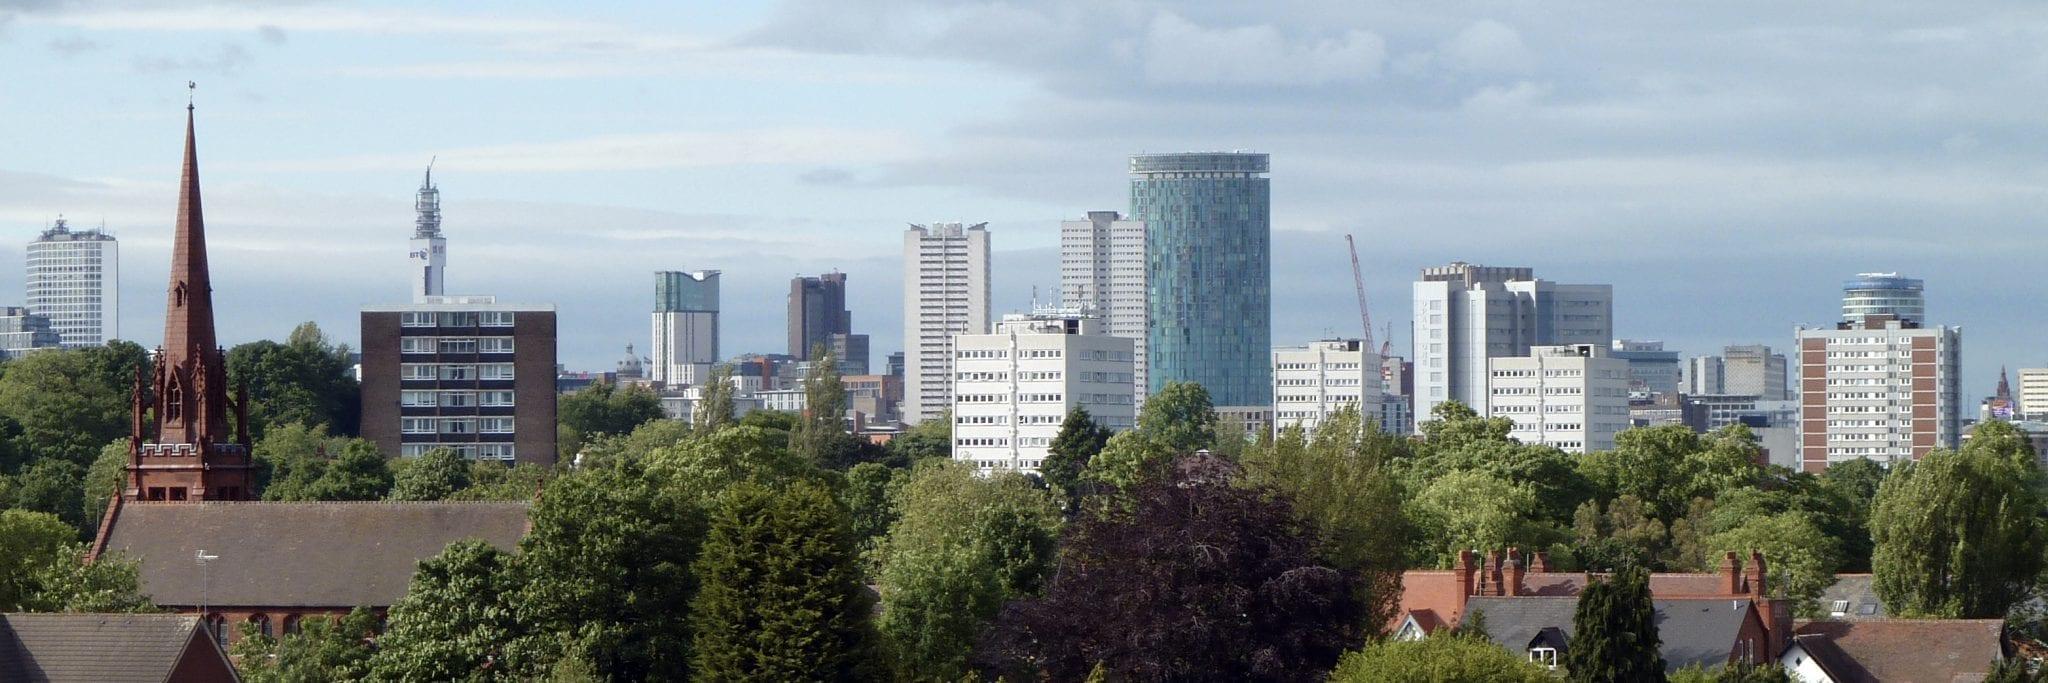 Habitantes y trabajo en Birmingham: Skyline de la ciudad de Birmingham desde Edgbaston